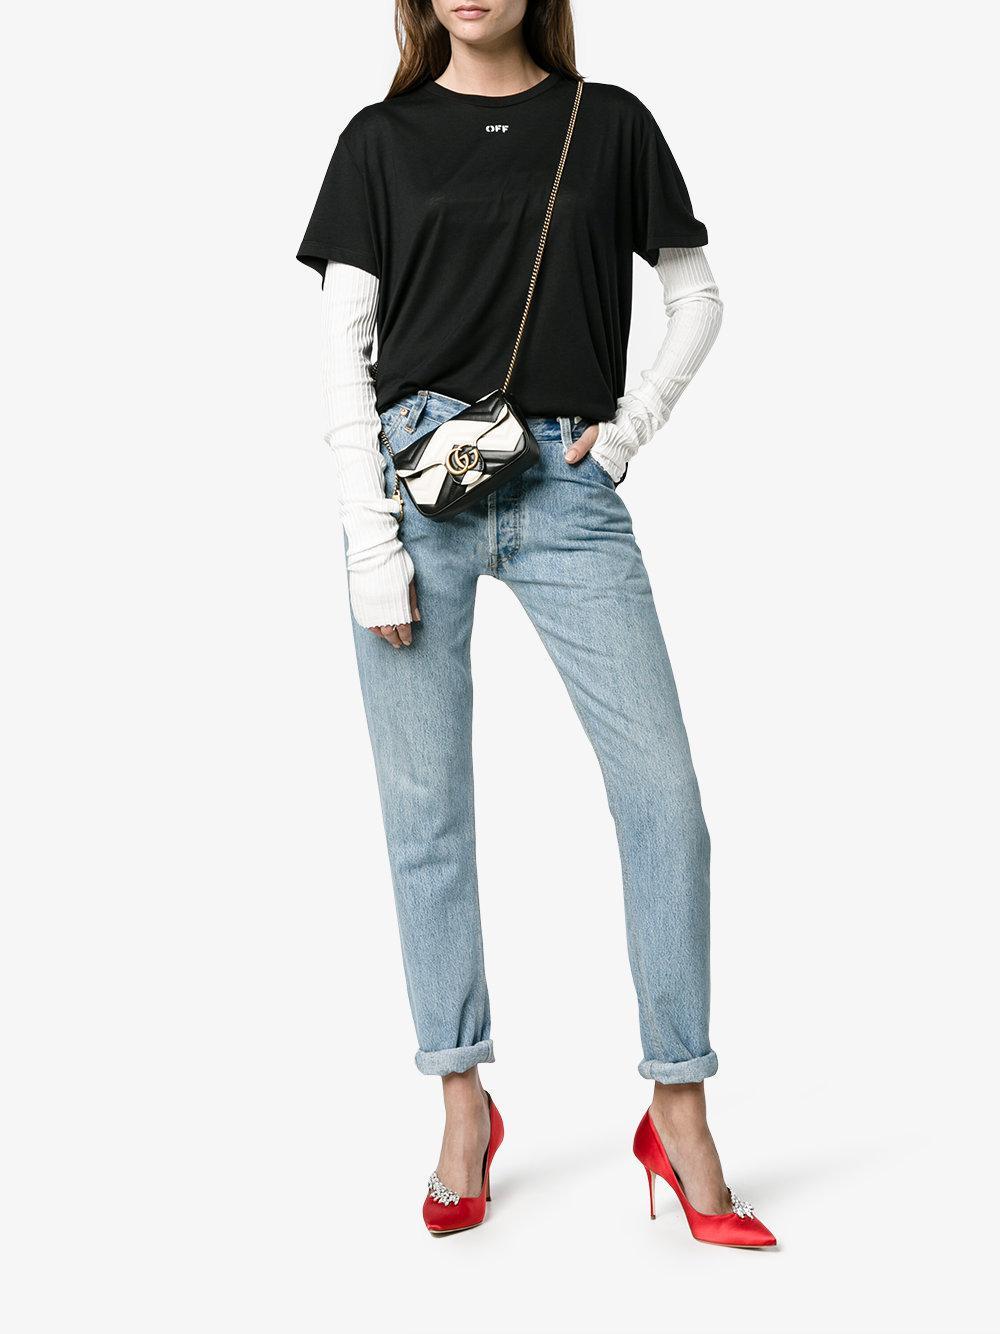 53e98348f26 Gucci Gg Marmont Super Mini White